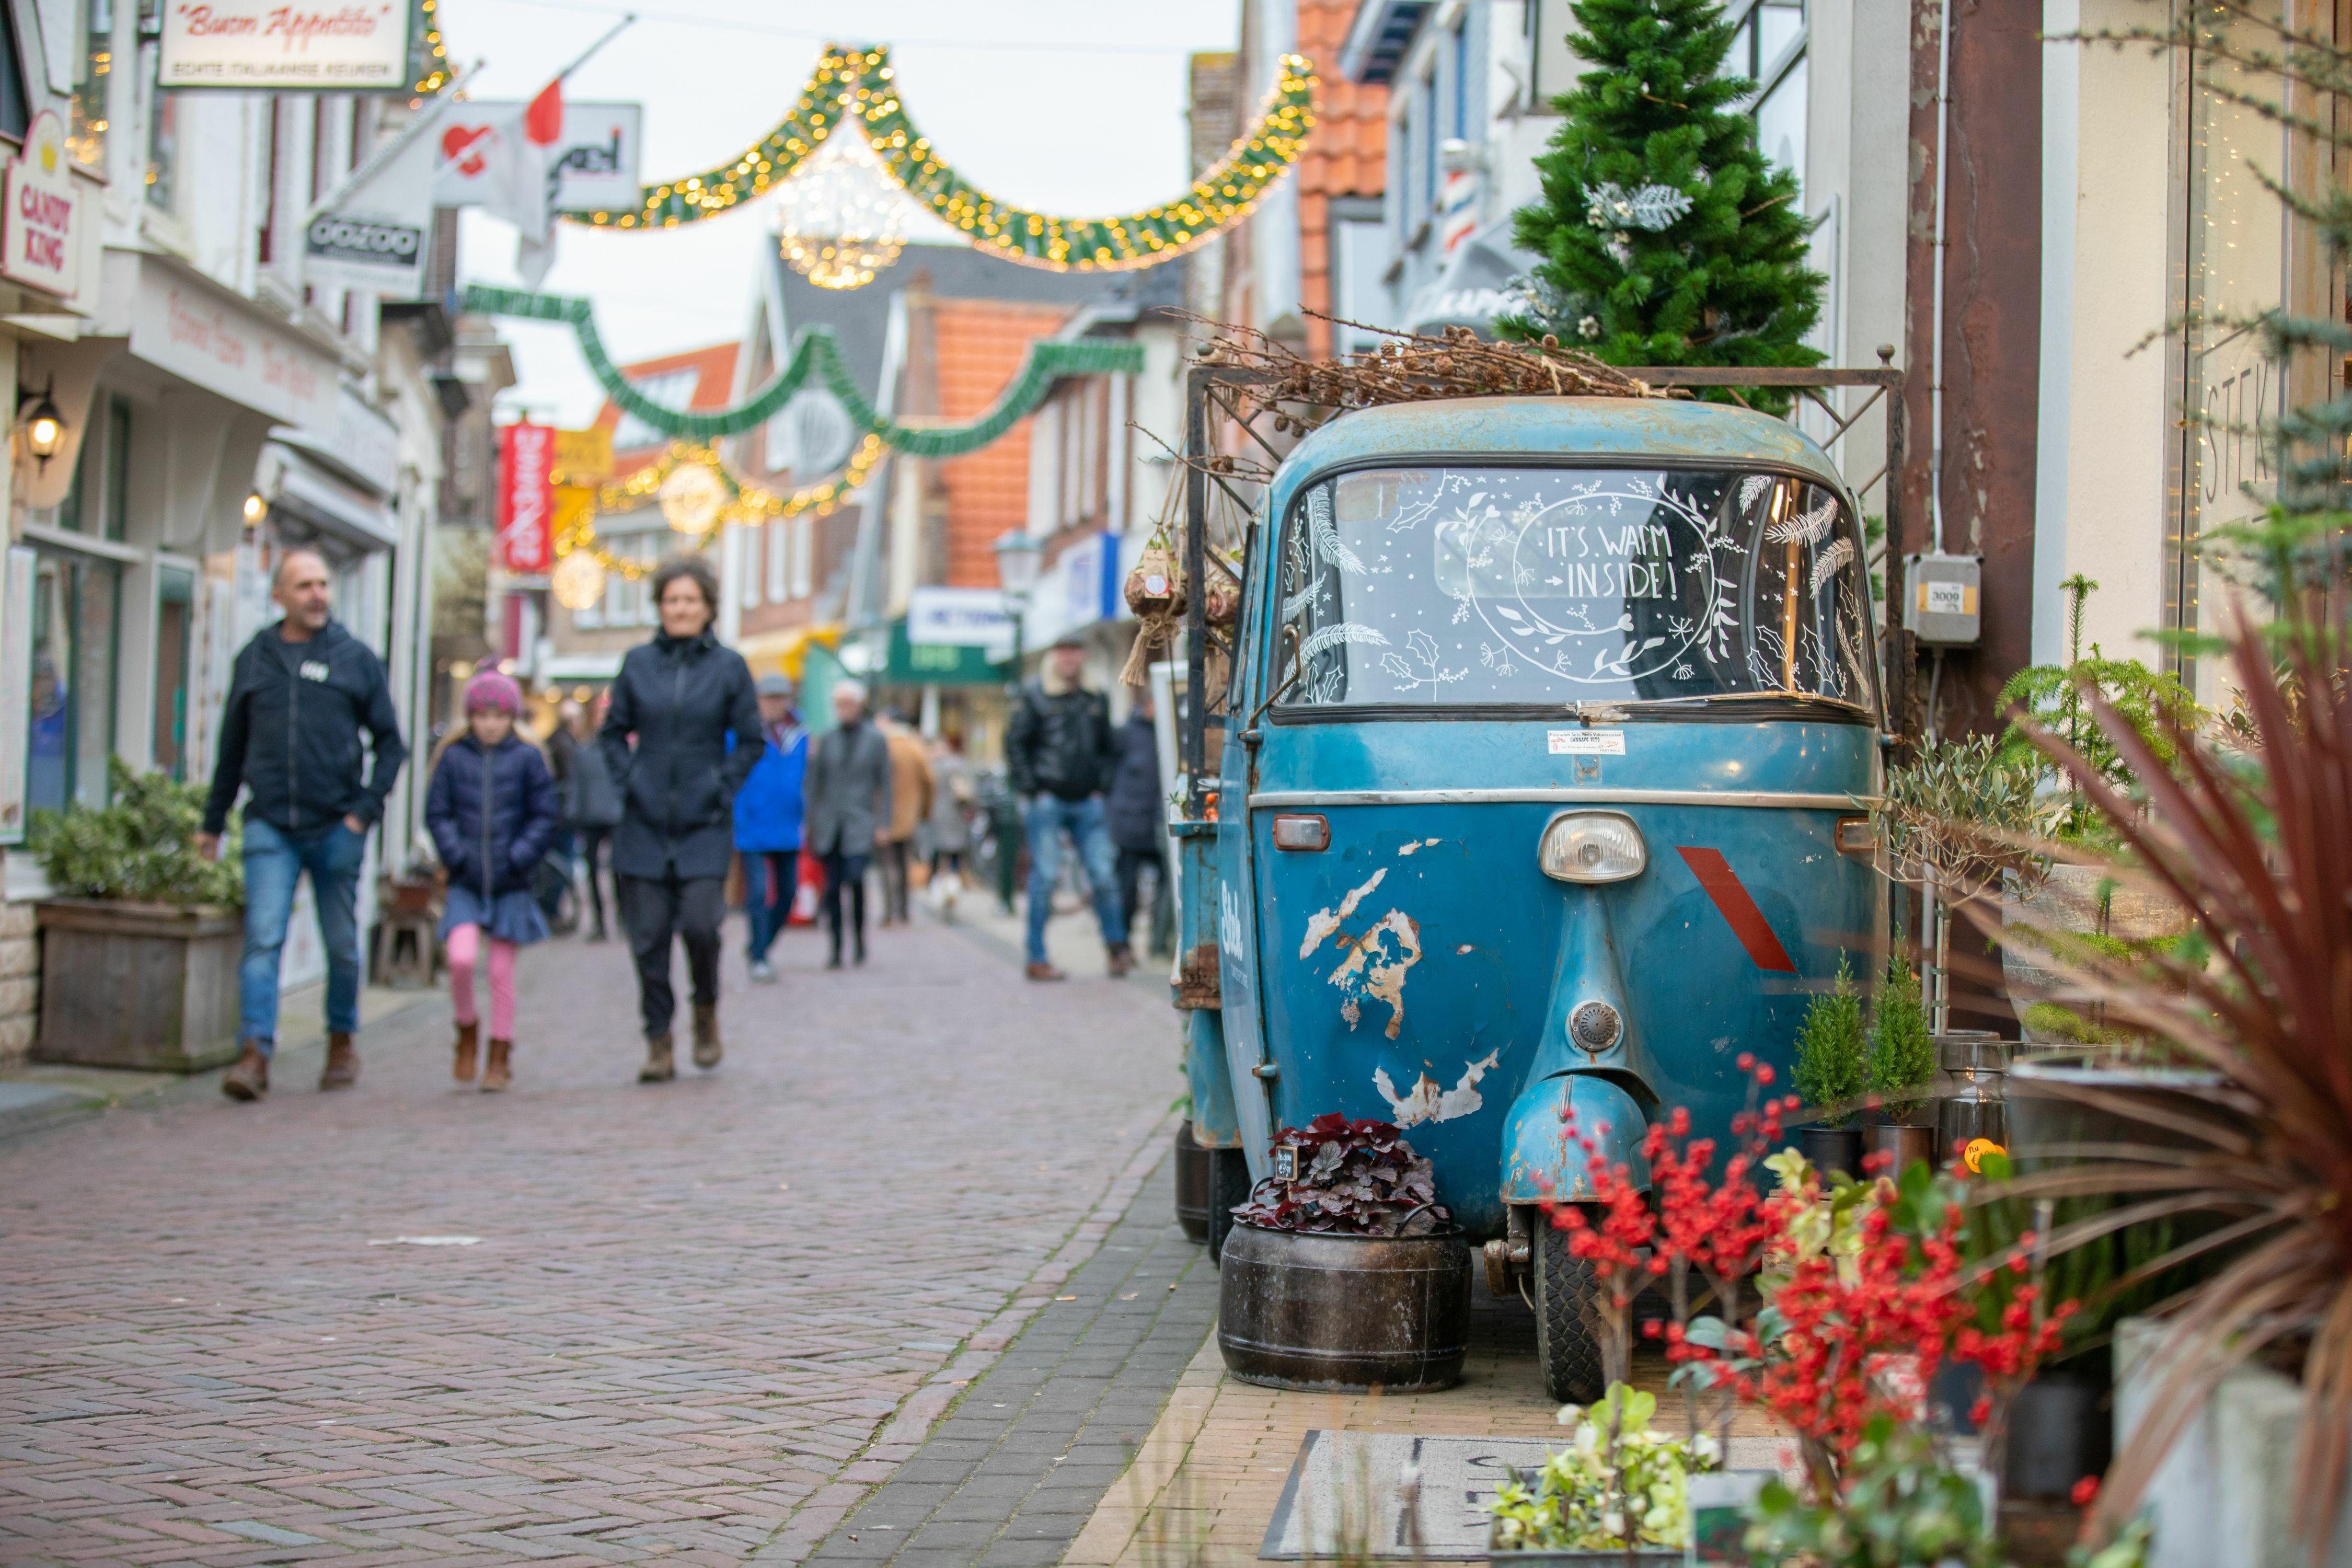 Kerstversiering in Den Burg fotograaf Evalien Weterings VVV Texel